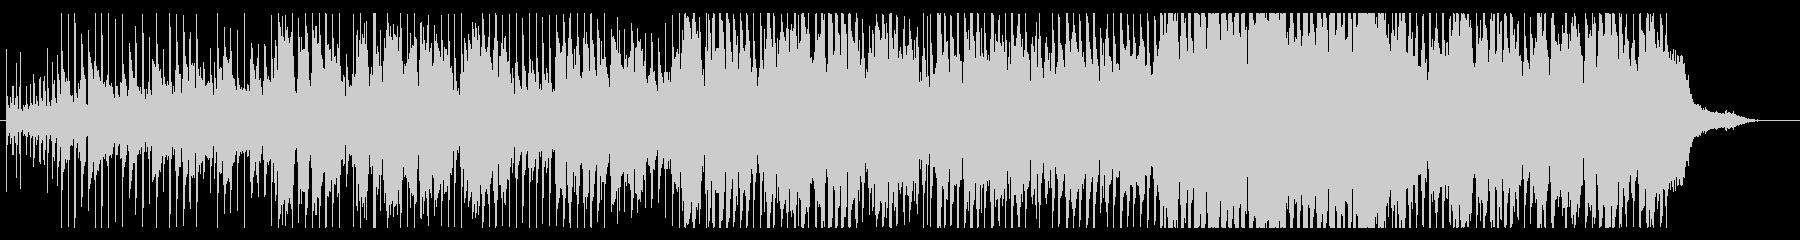 kachaの未再生の波形